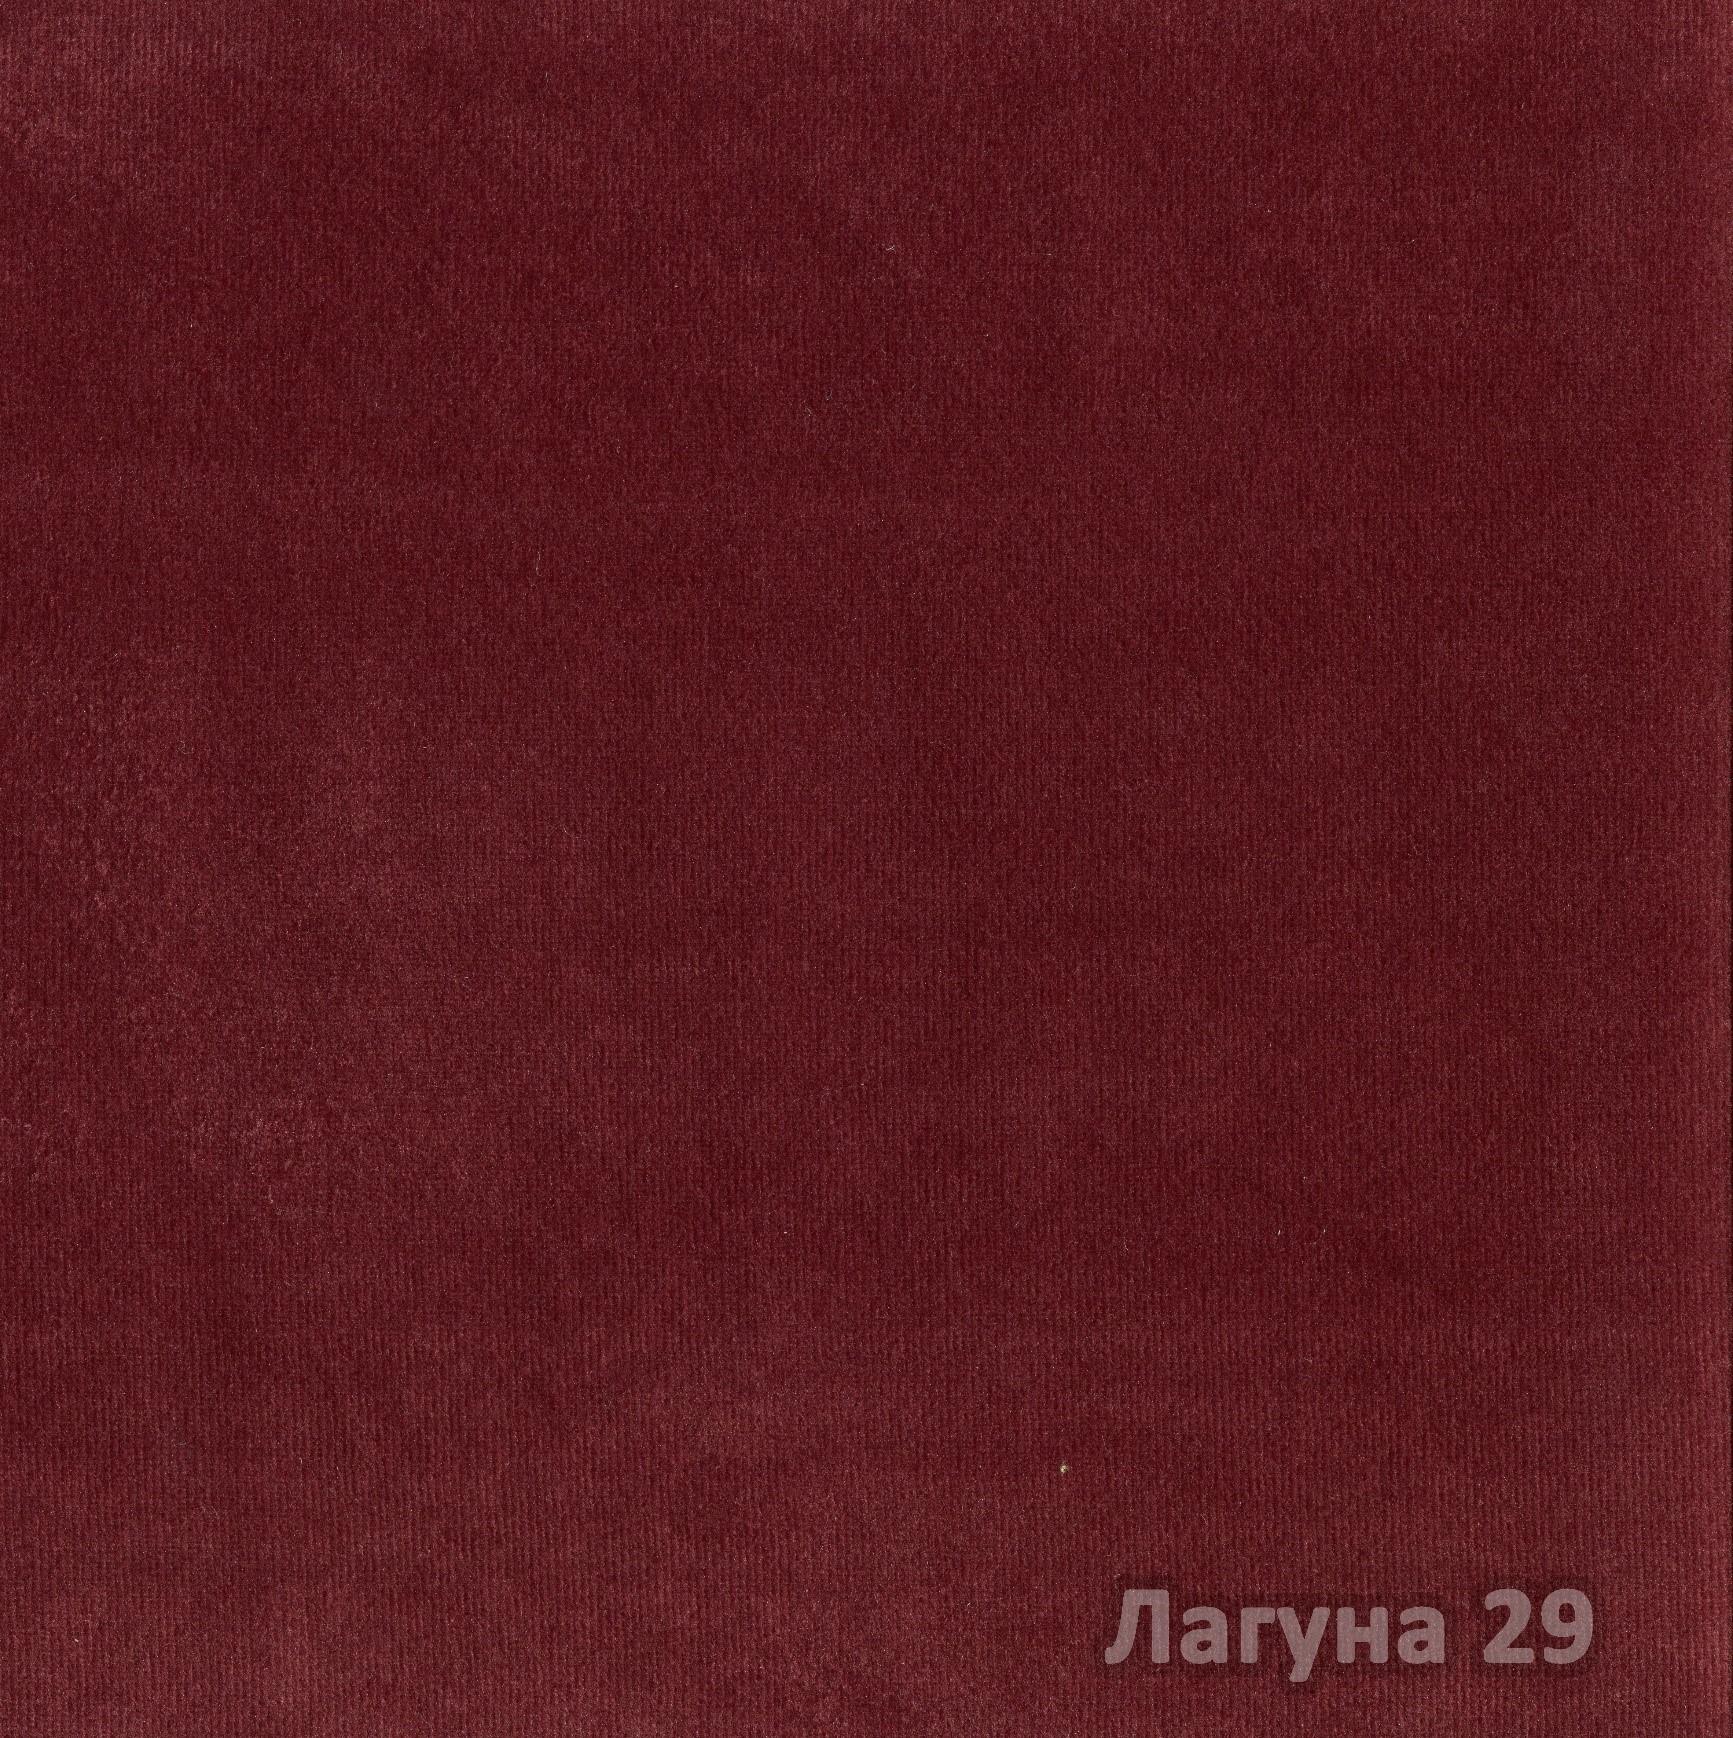 Коллекция ткани Лагуна 29,  купить ткань Велюр для мебели Украина